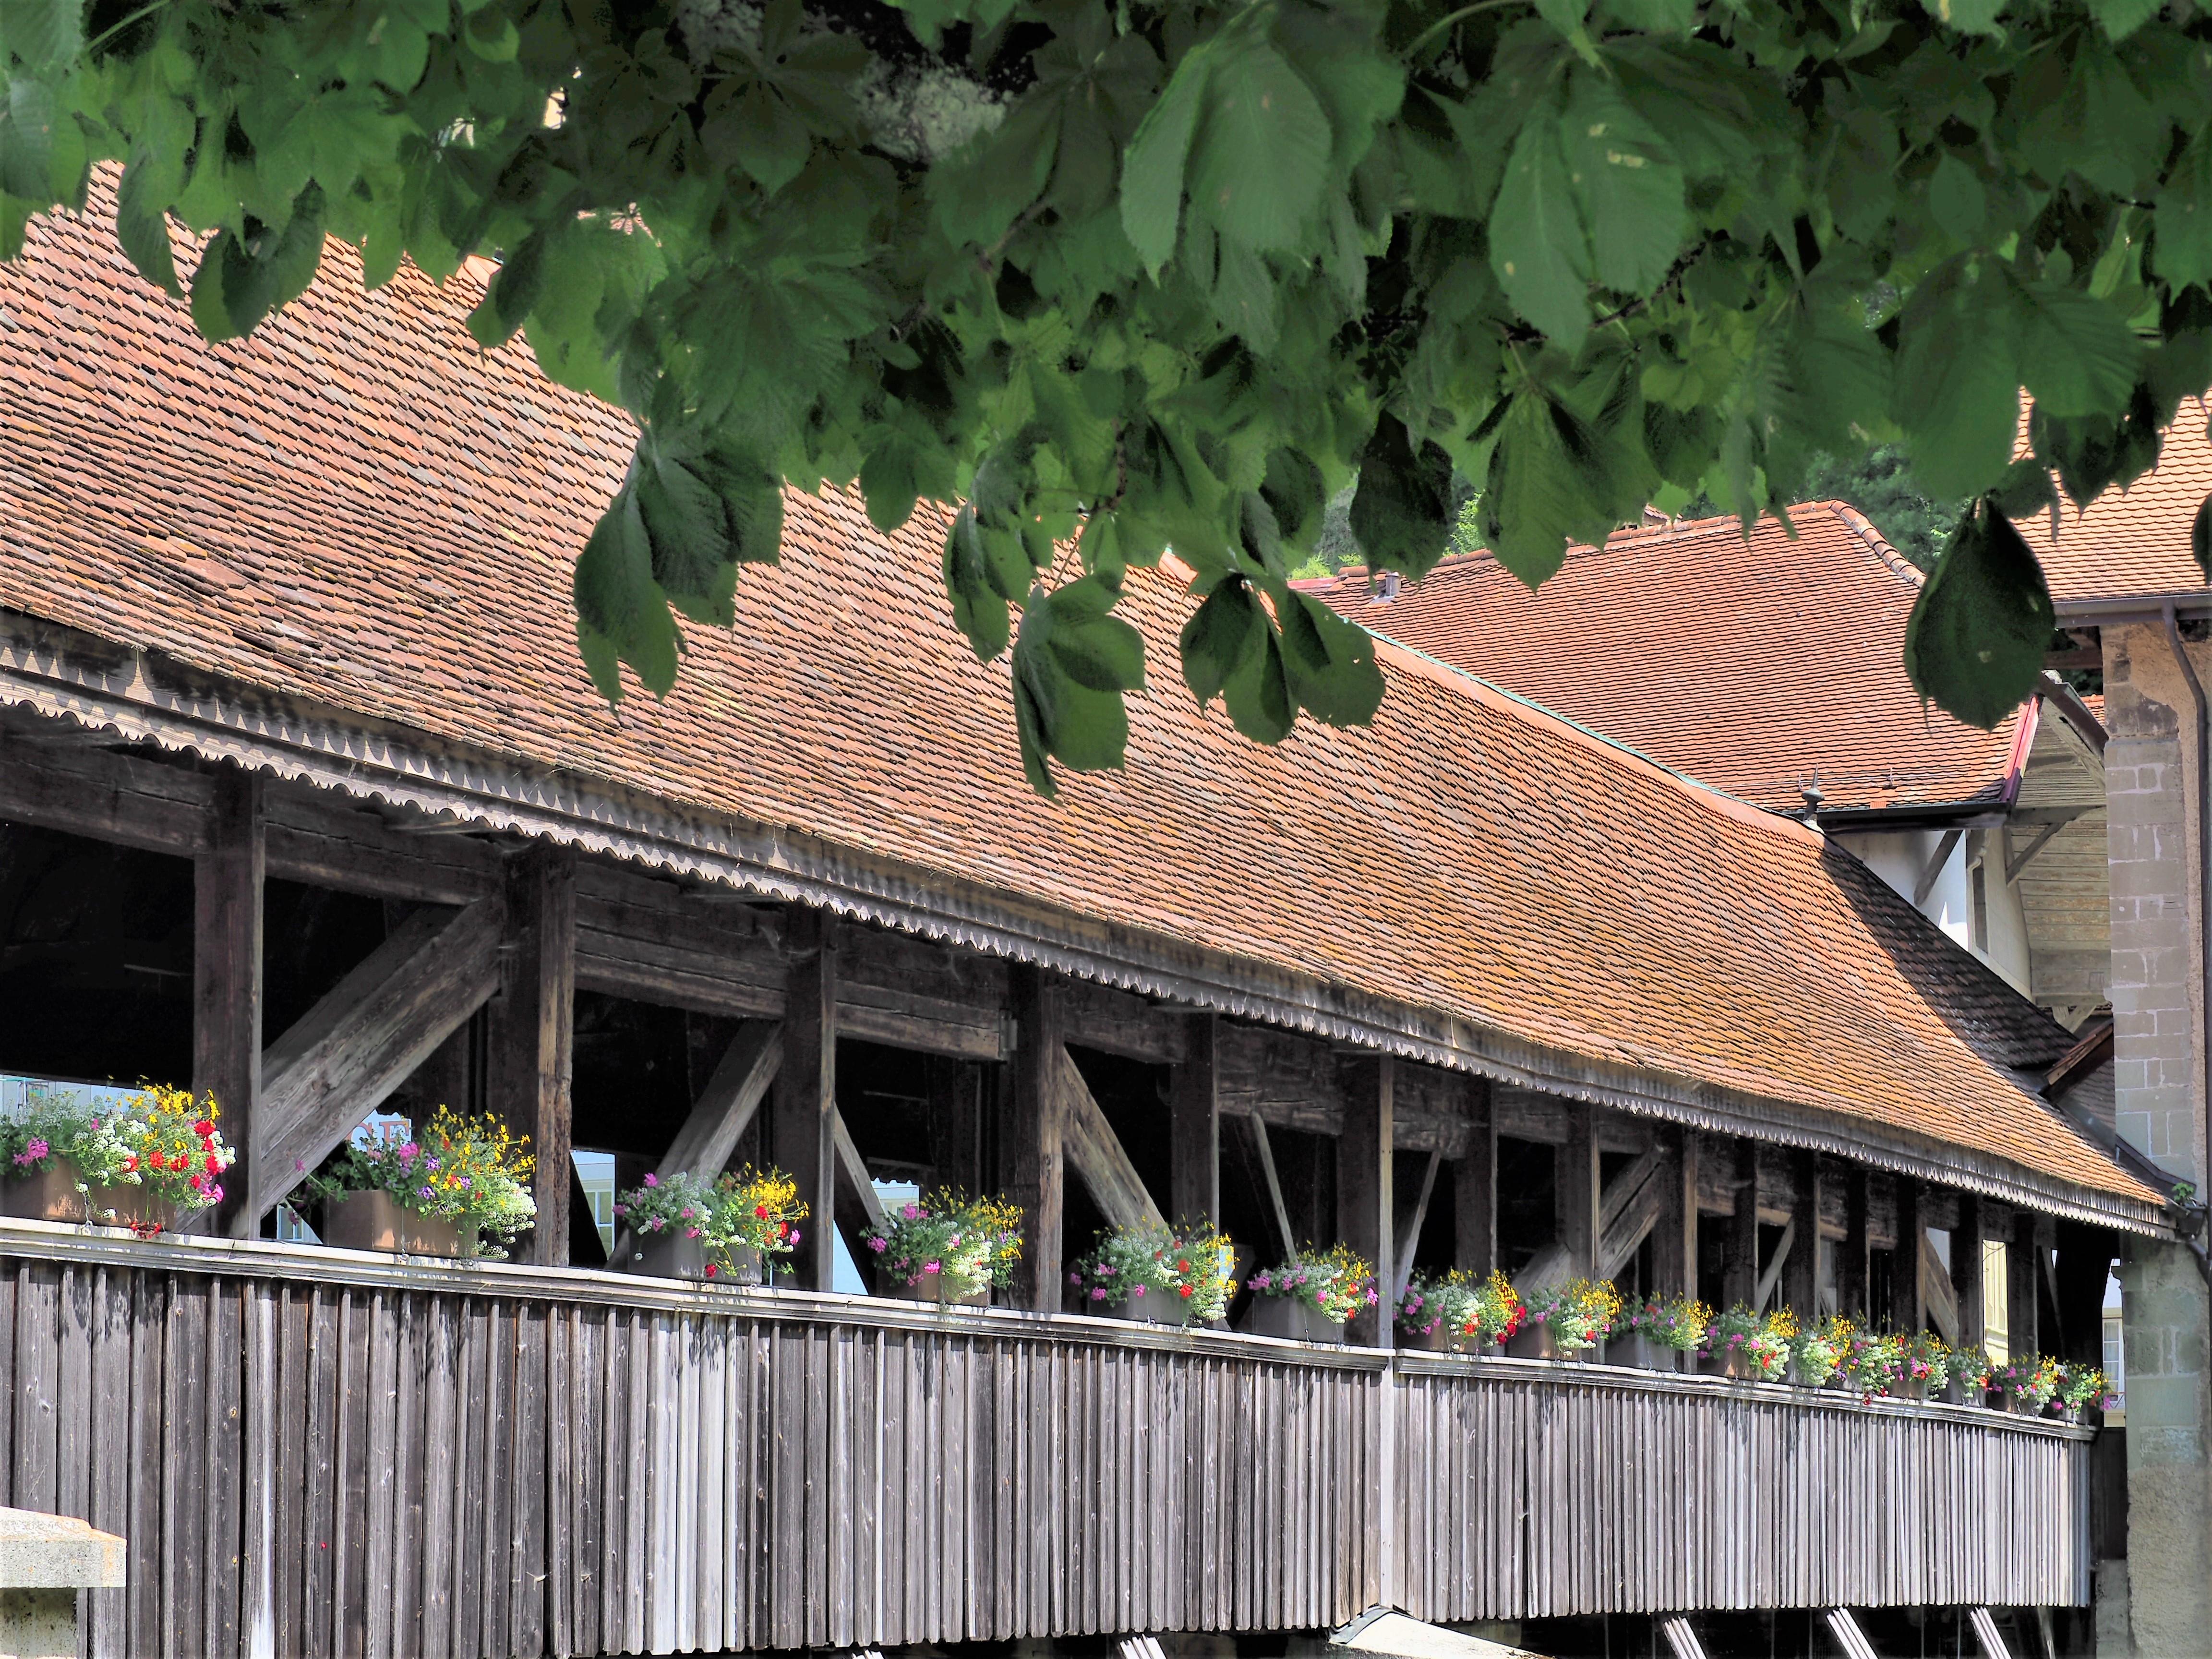 Fribourg-suisse-basse-ville-pont-de-Berne-blog-voyage-clioandco.jpg